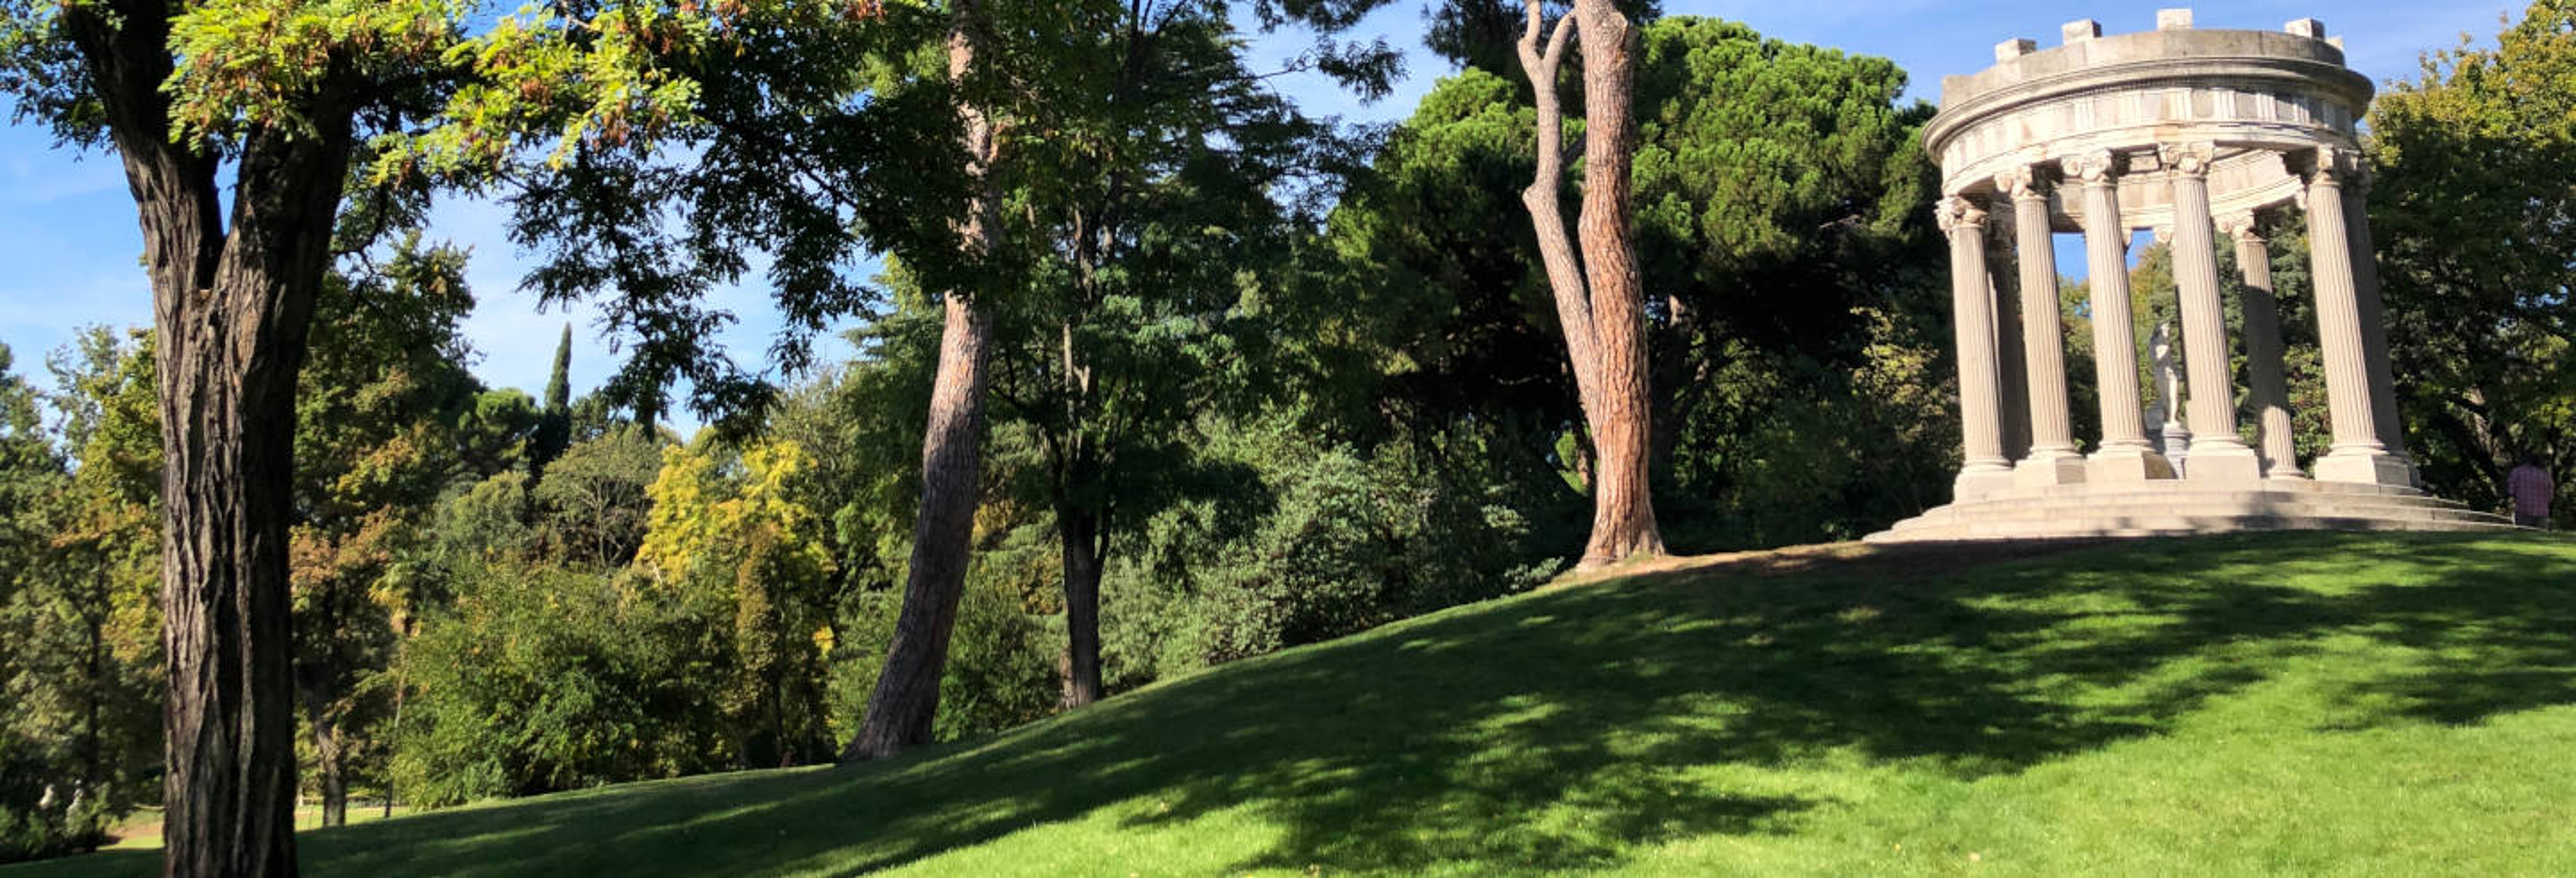 Free tour por el parque El Capricho ¡Gratis!